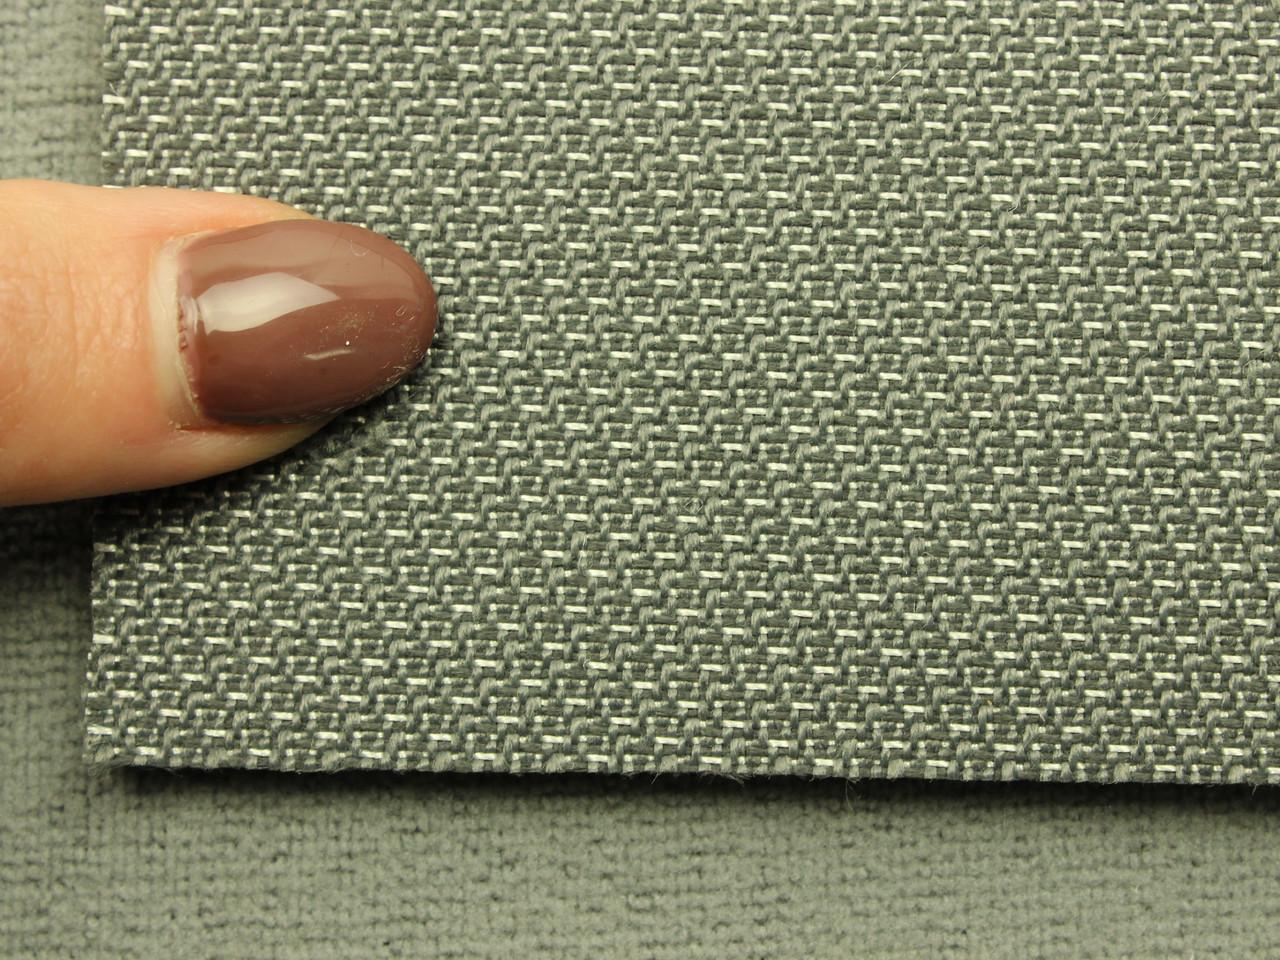 Ткань для сидений автомобиля, цвет серый, на поролоне (для центральной части), Германия